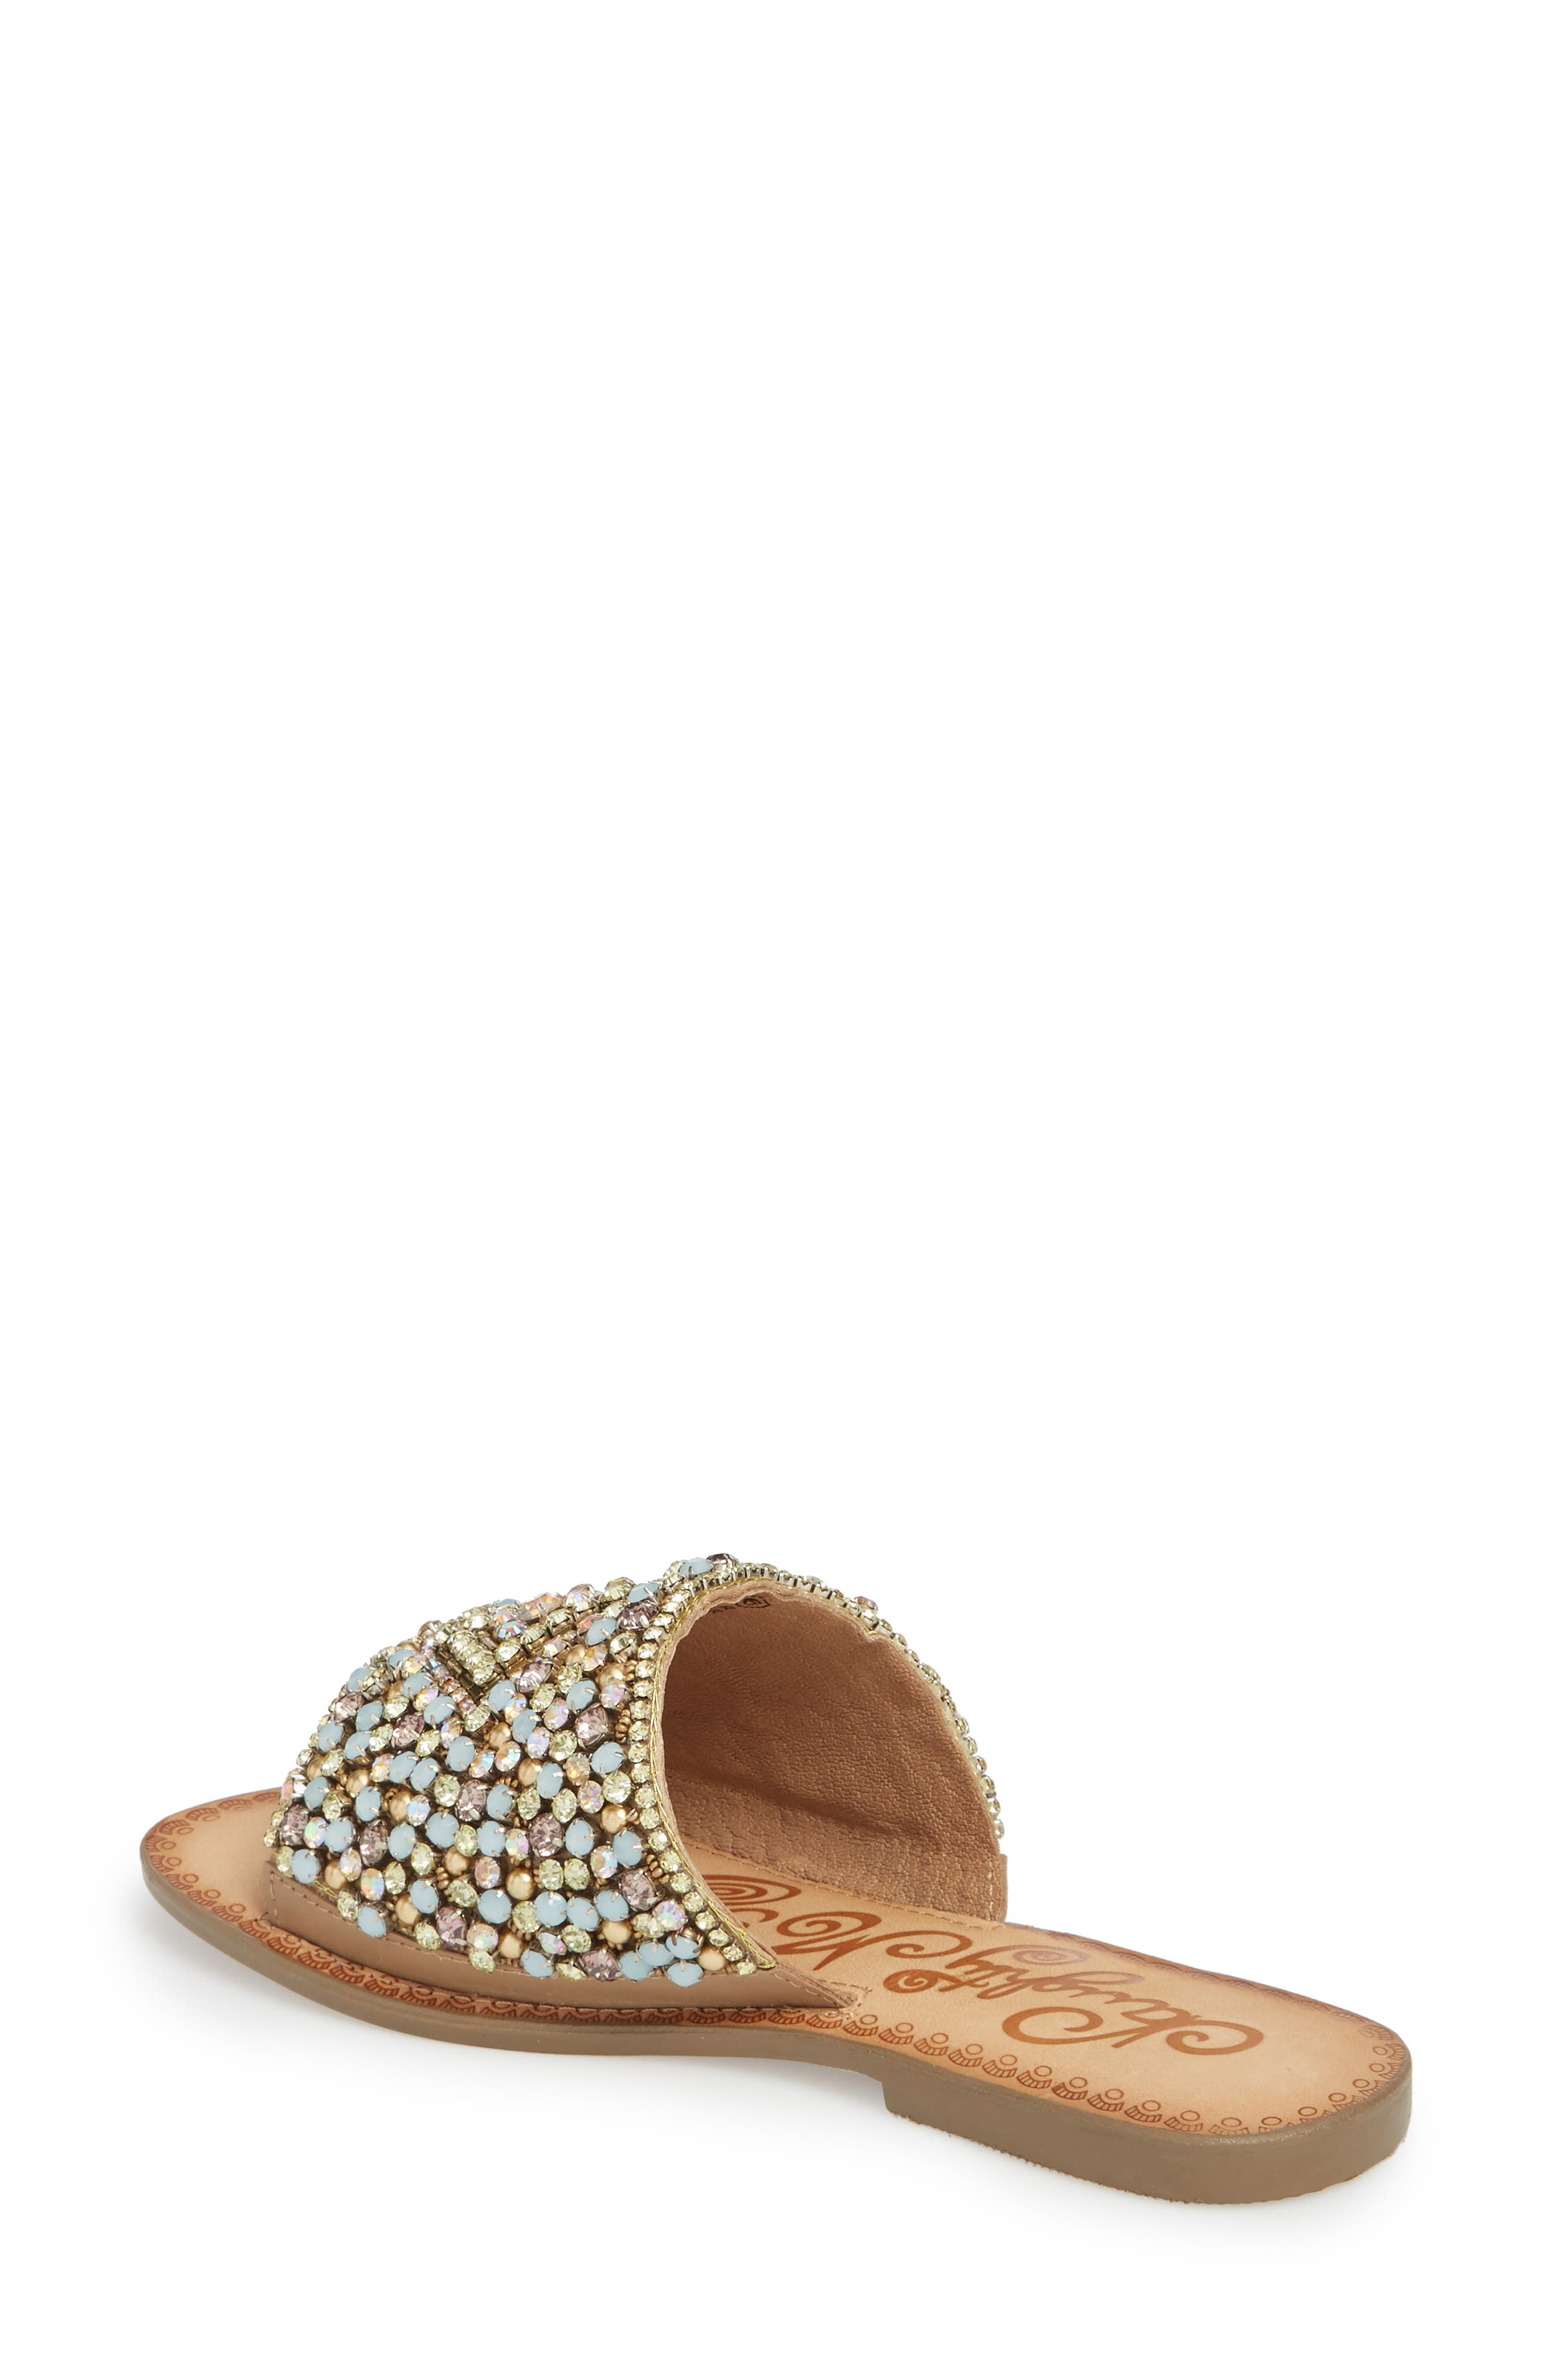 Susanna Embellished Slide Sandal,                             Alternate thumbnail 2, color,                             Multi Leather